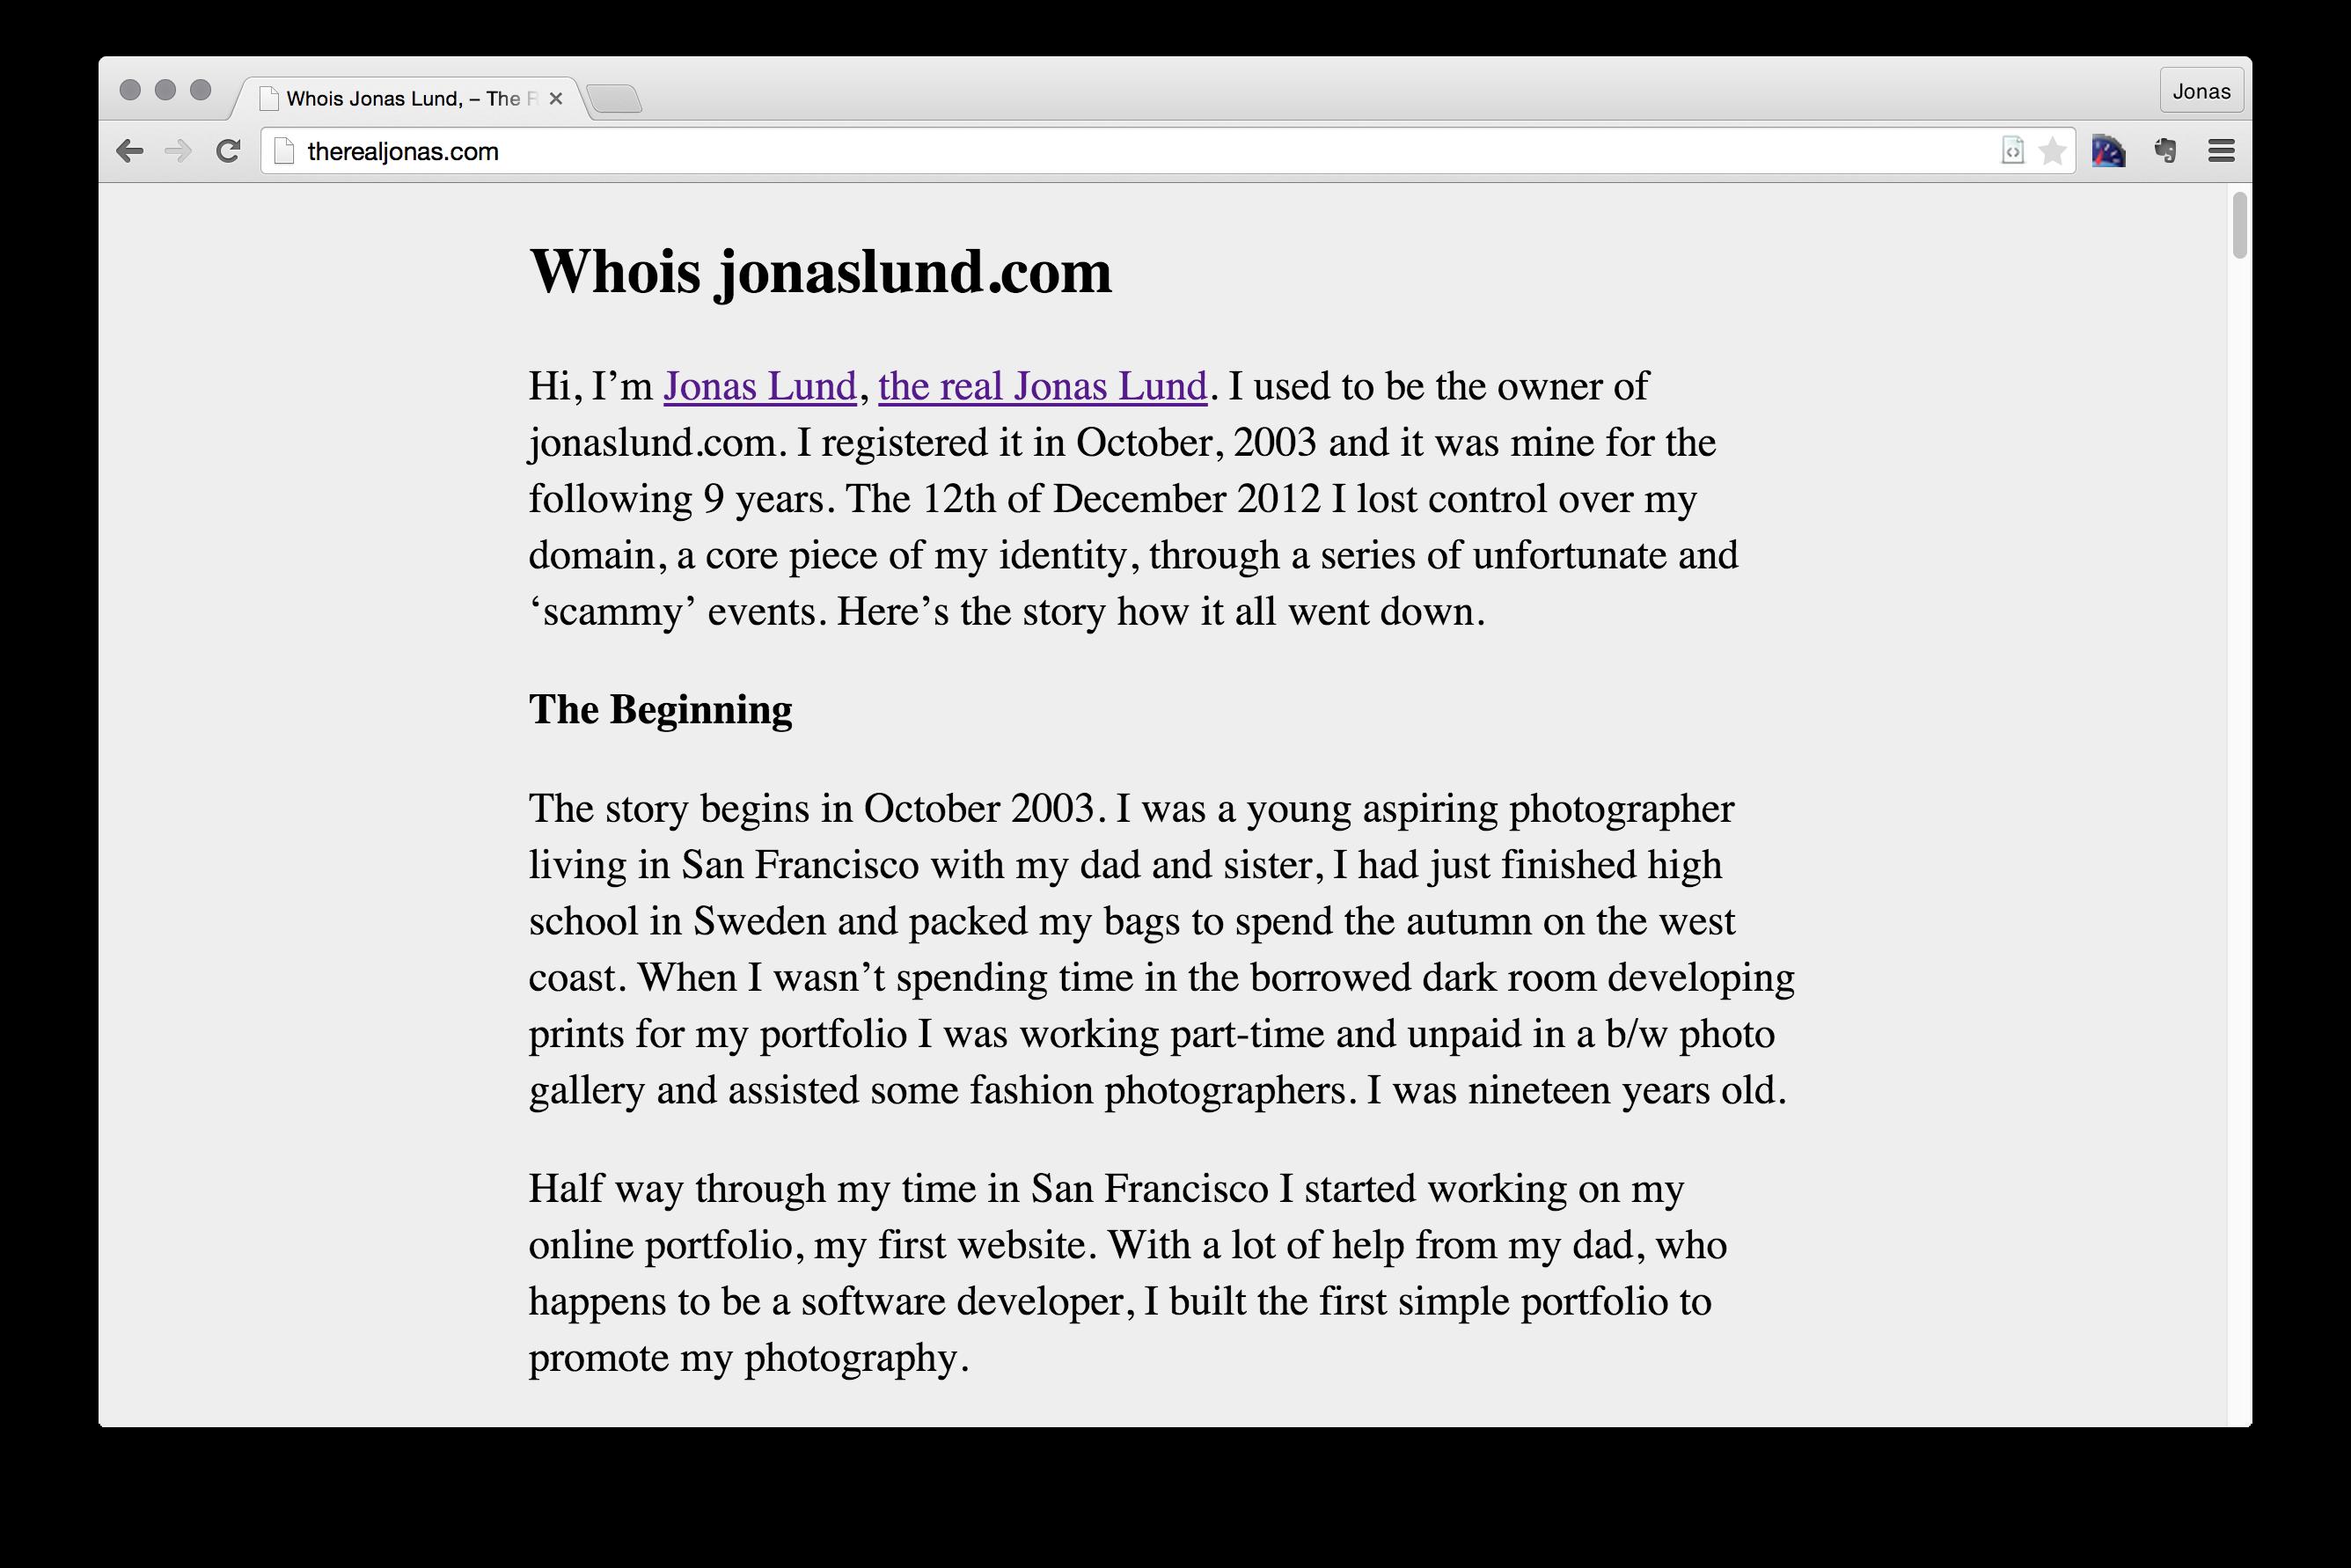 Jonas Lund The Real Jonas (whois jonaslund.com)